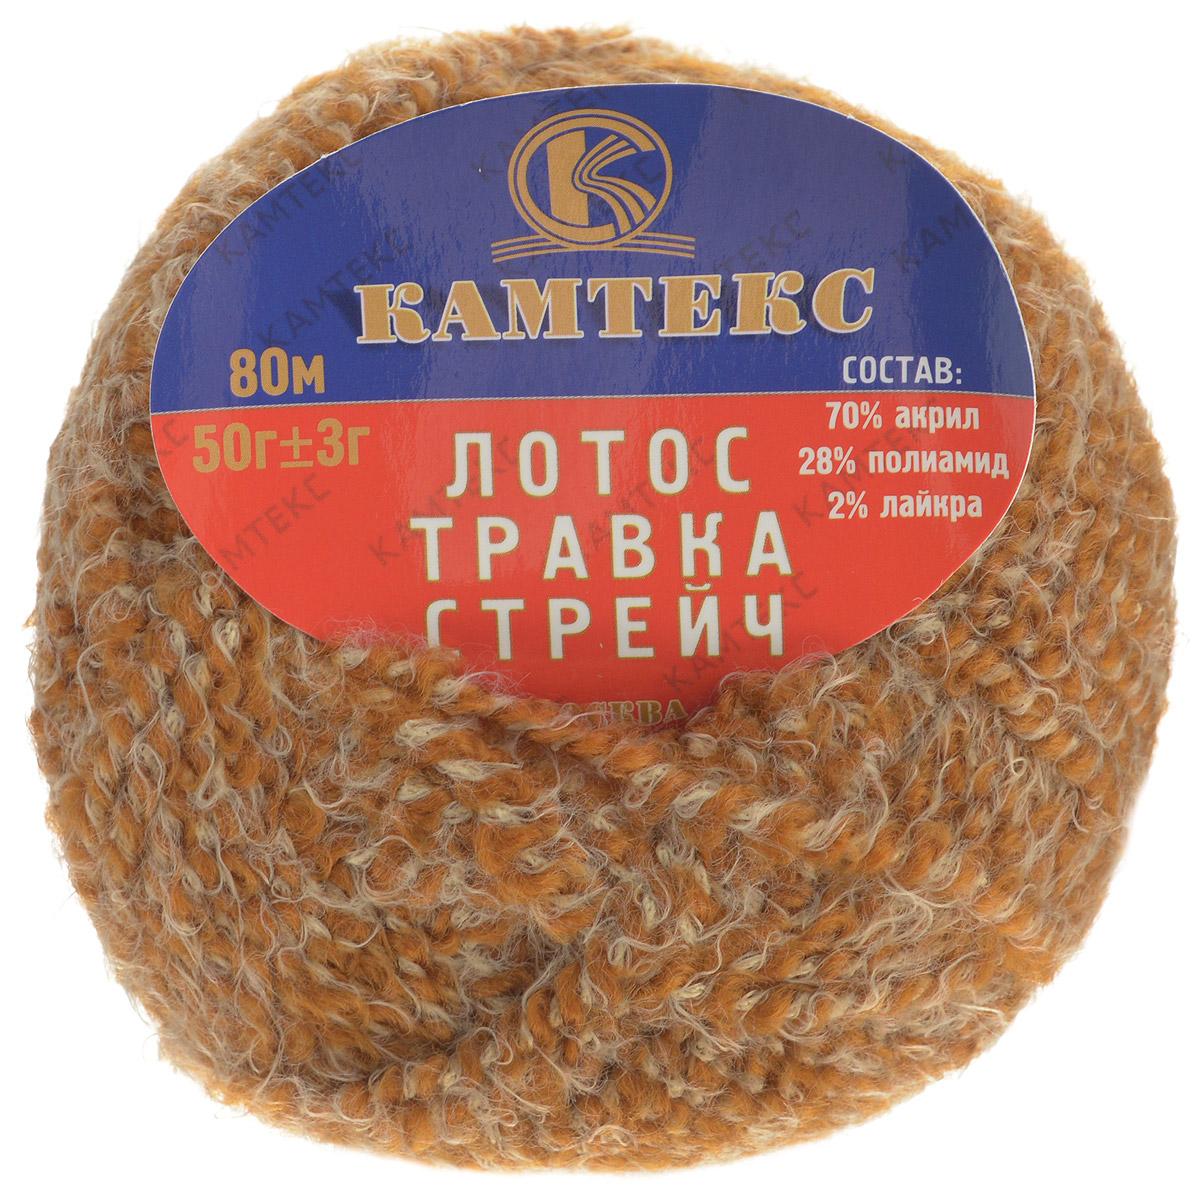 """Пряжа для вязания Камтекс """"Лотос травка стрейч"""", цвет: золотистый (112), 80 м, 50 г, 10 шт"""